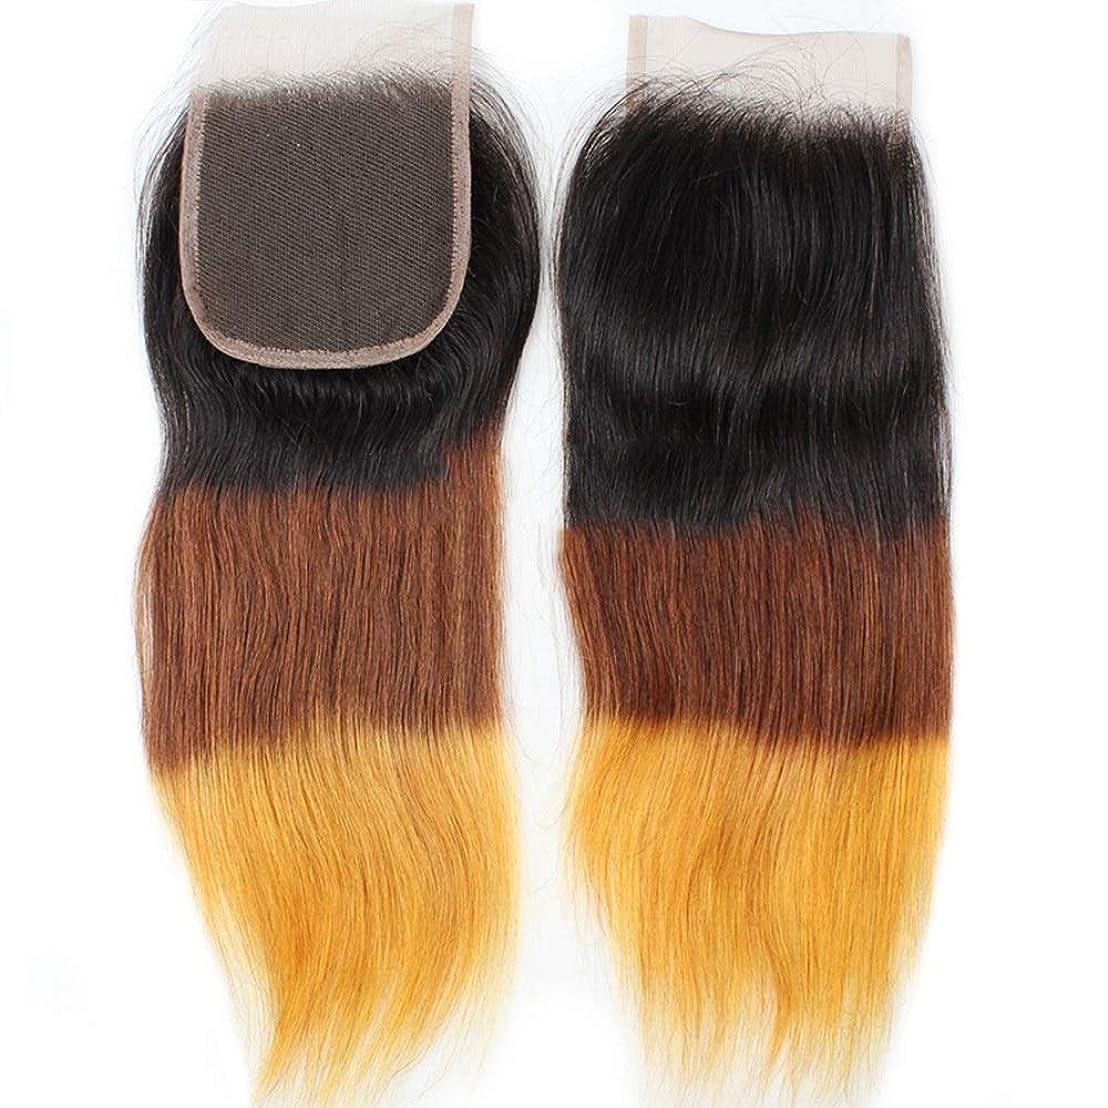 二年生素晴らしいです社会主義BOBIDYEE 4×4レース前頭閉鎖無料部分耳から耳9Aブラジルストレートヘアグラデーションカラー人間の髪の毛の合成髪レースかつらロールプレイングウィッグロングとショートの女性自然 (色 : ブラウン, サイズ : 16 inch)